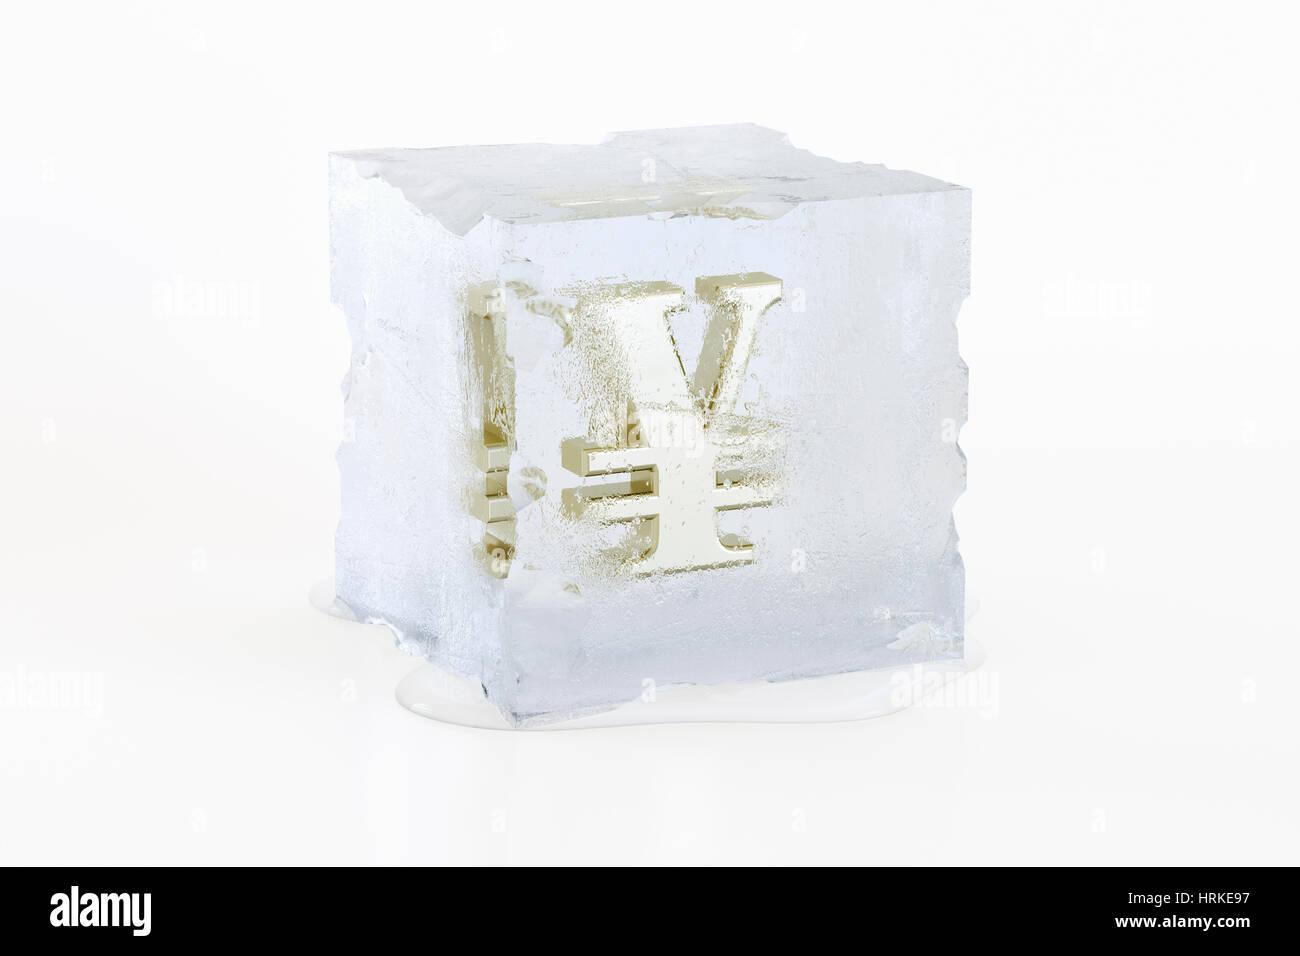 Golden Yen giapponese simbolo congelati in una fusione lentamente il cubo di ghiaccio Immagini Stock